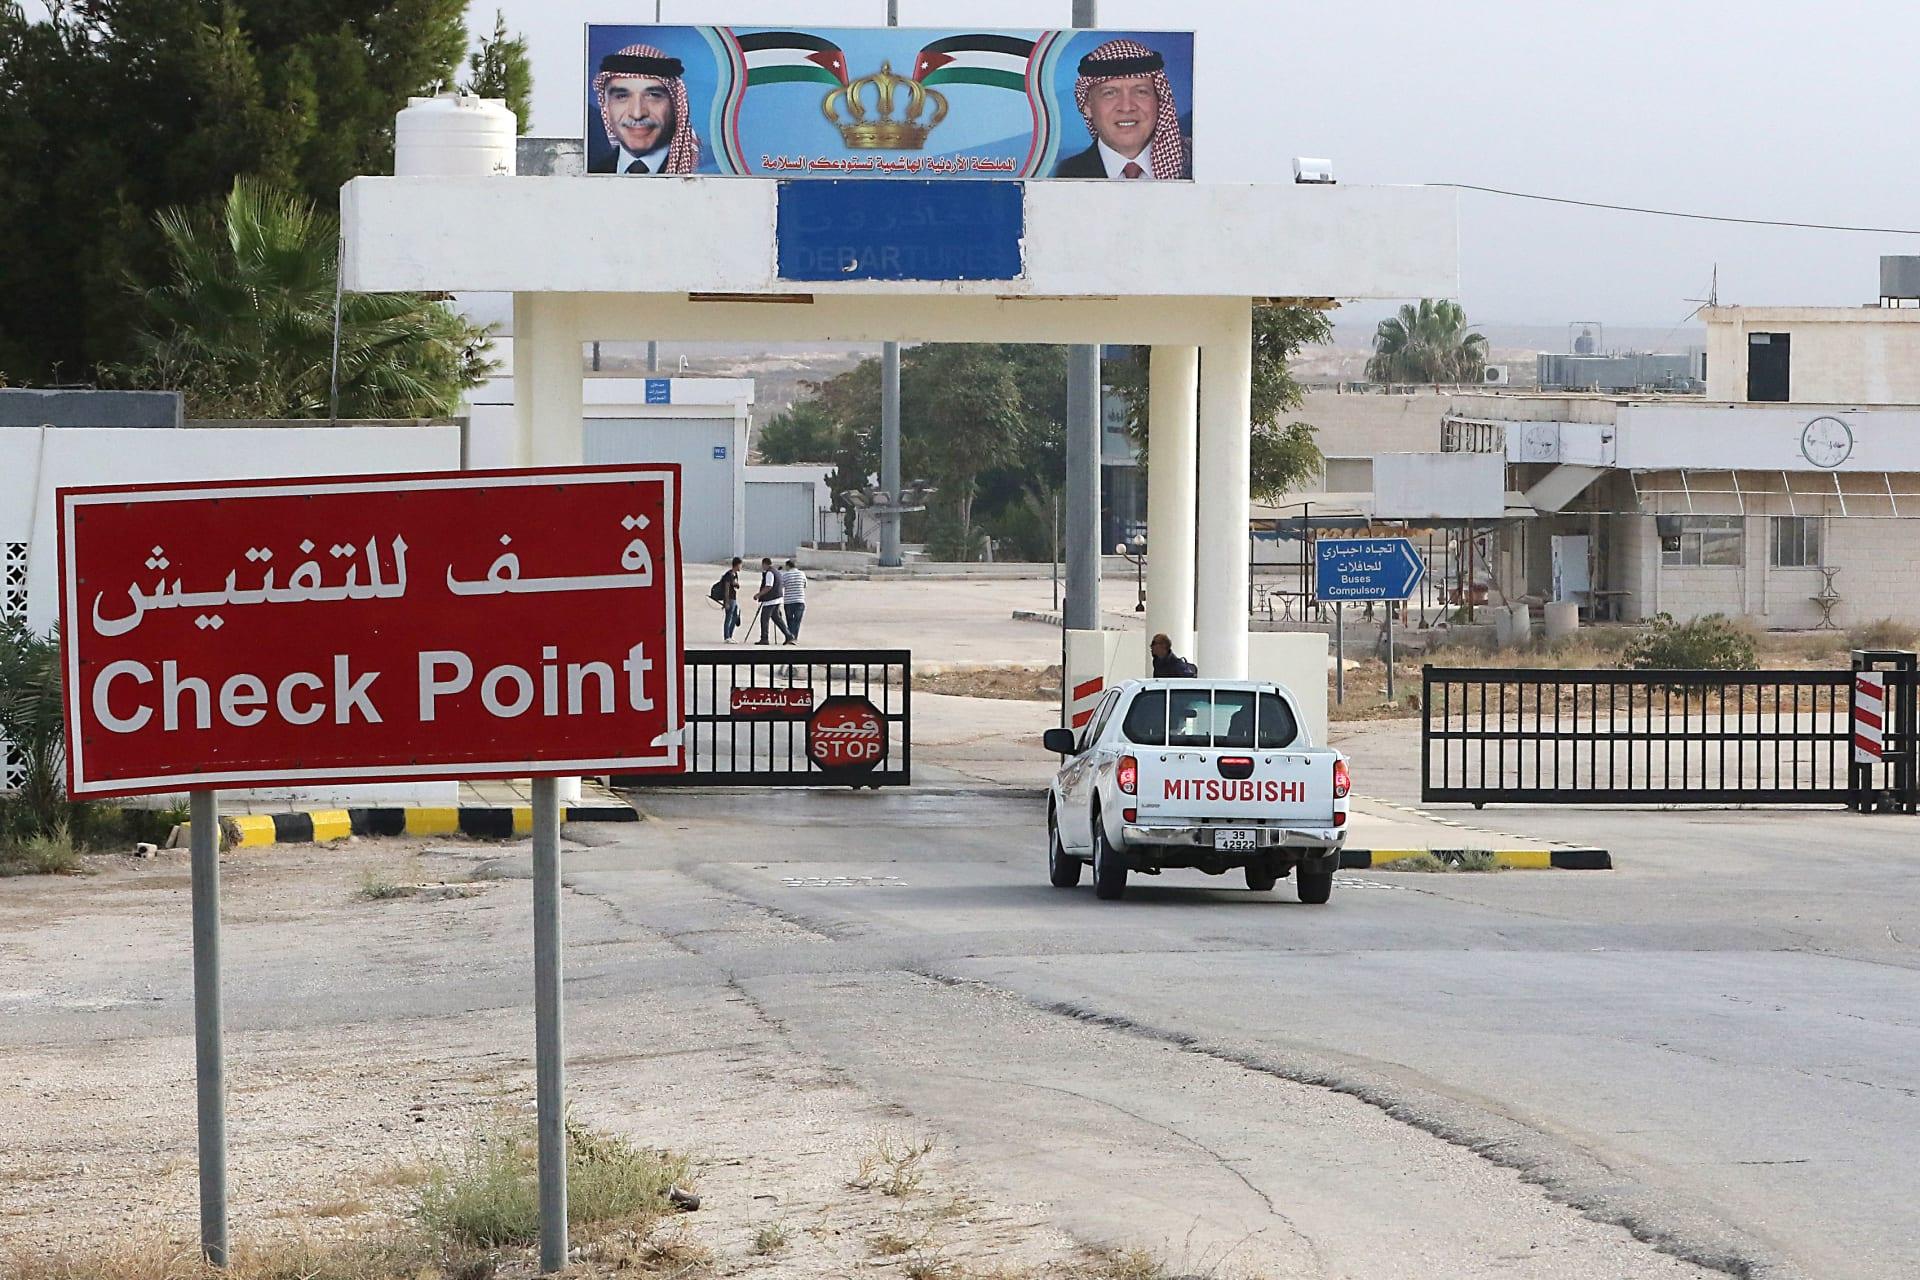 مطالب أردنية  بإلغاء الرسوم الجمركية مع النظام السوري  لتسهيل التجارة